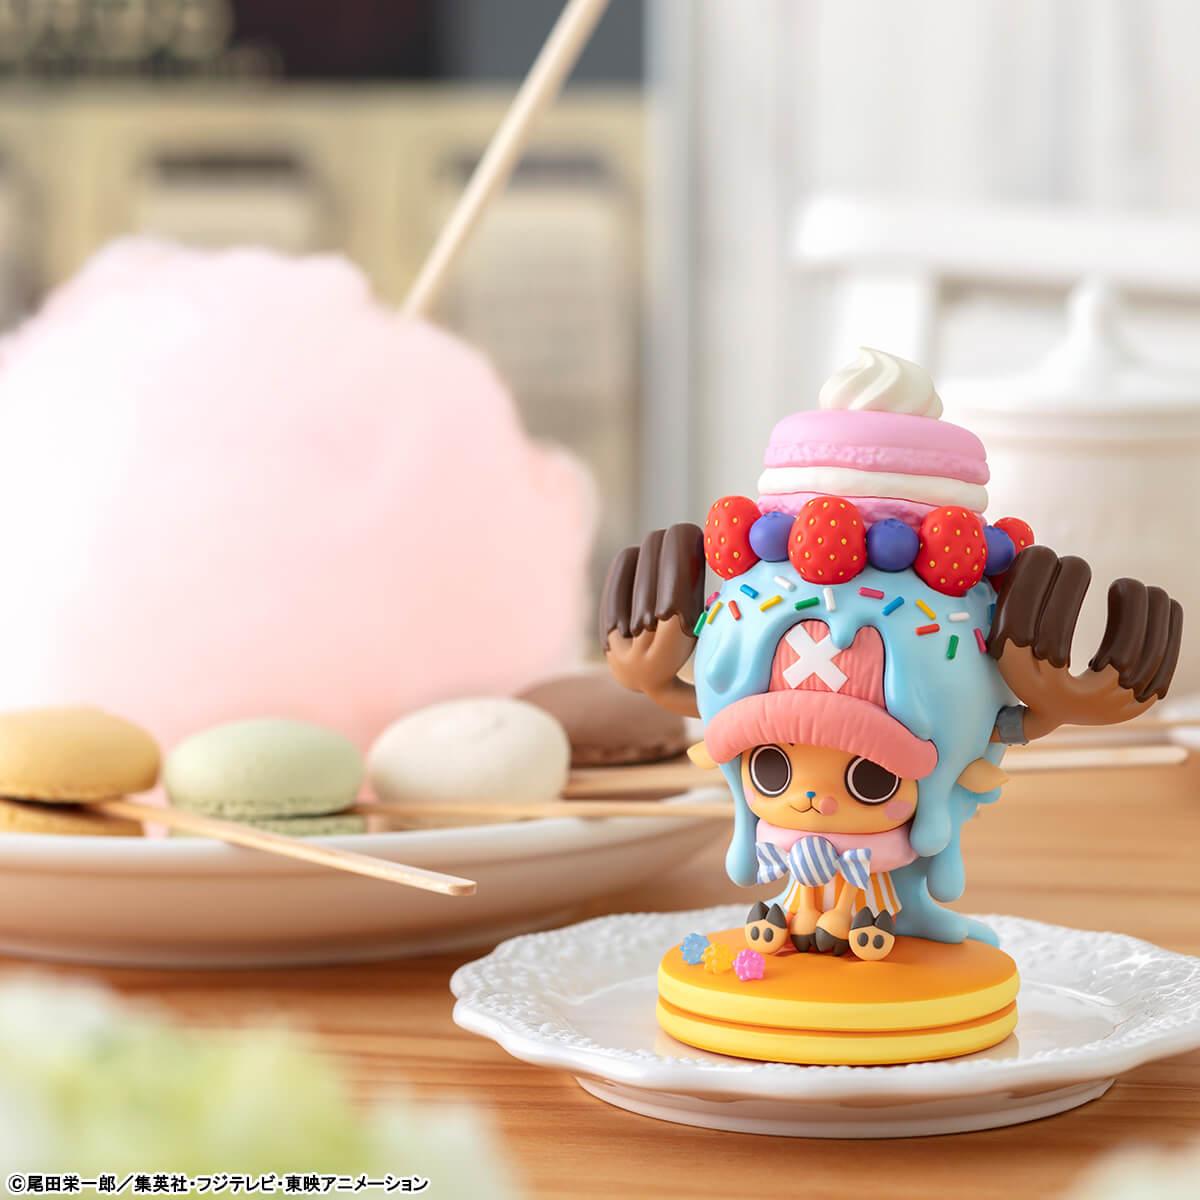 航海王ONE PIECE喬巴鬆餅!由插畫家谷口亮擔任設計 航海王、